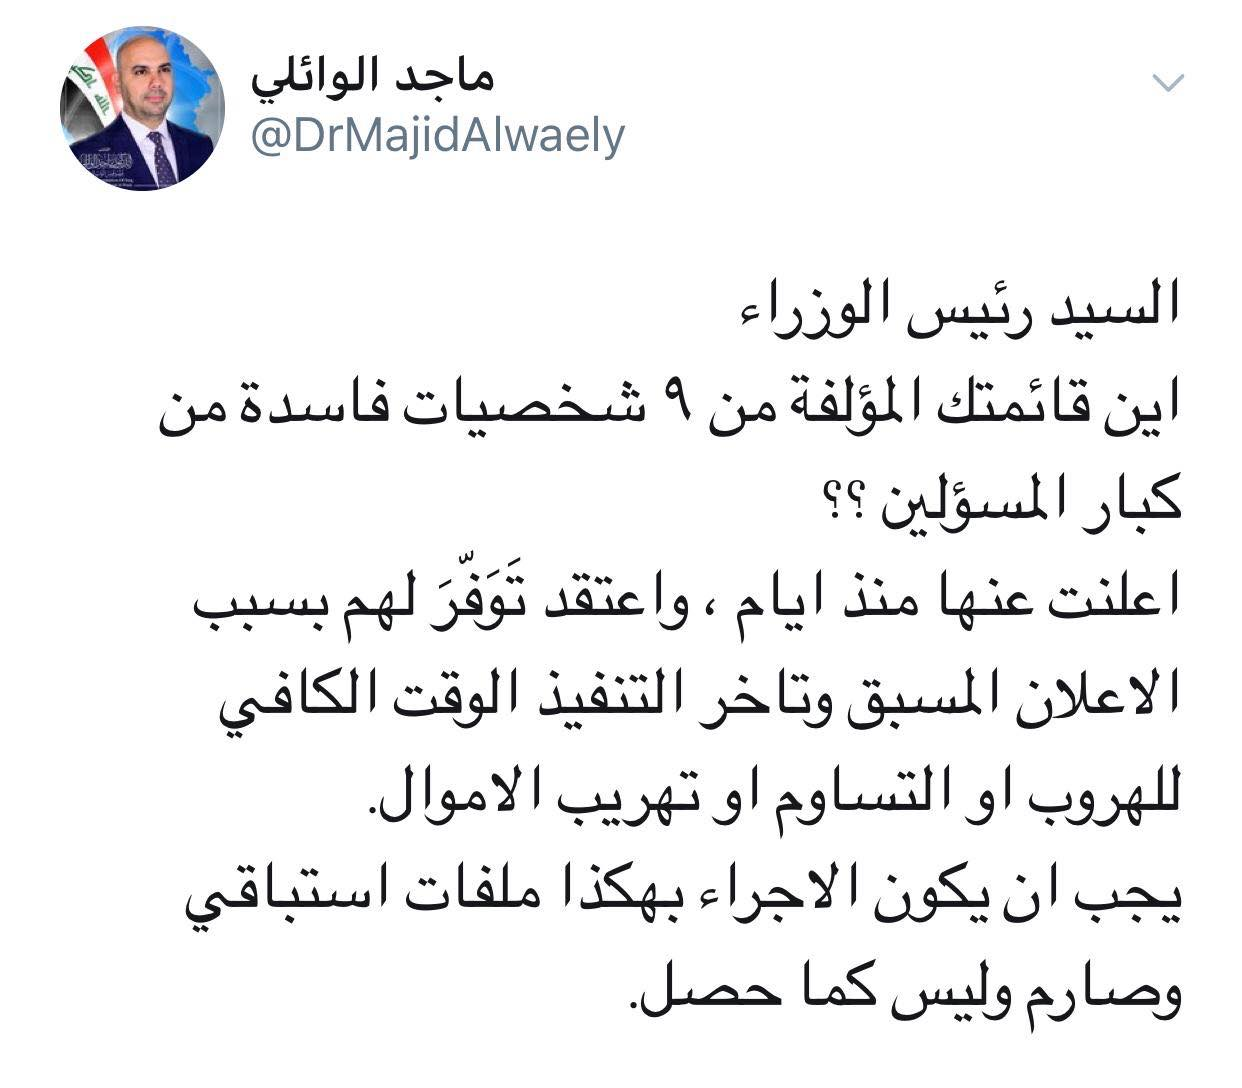 """الوائلي يسأل عبدالمهدي عن قائمة المسؤولين """"الفاسدين"""" التسعة: ربما هربوا!"""